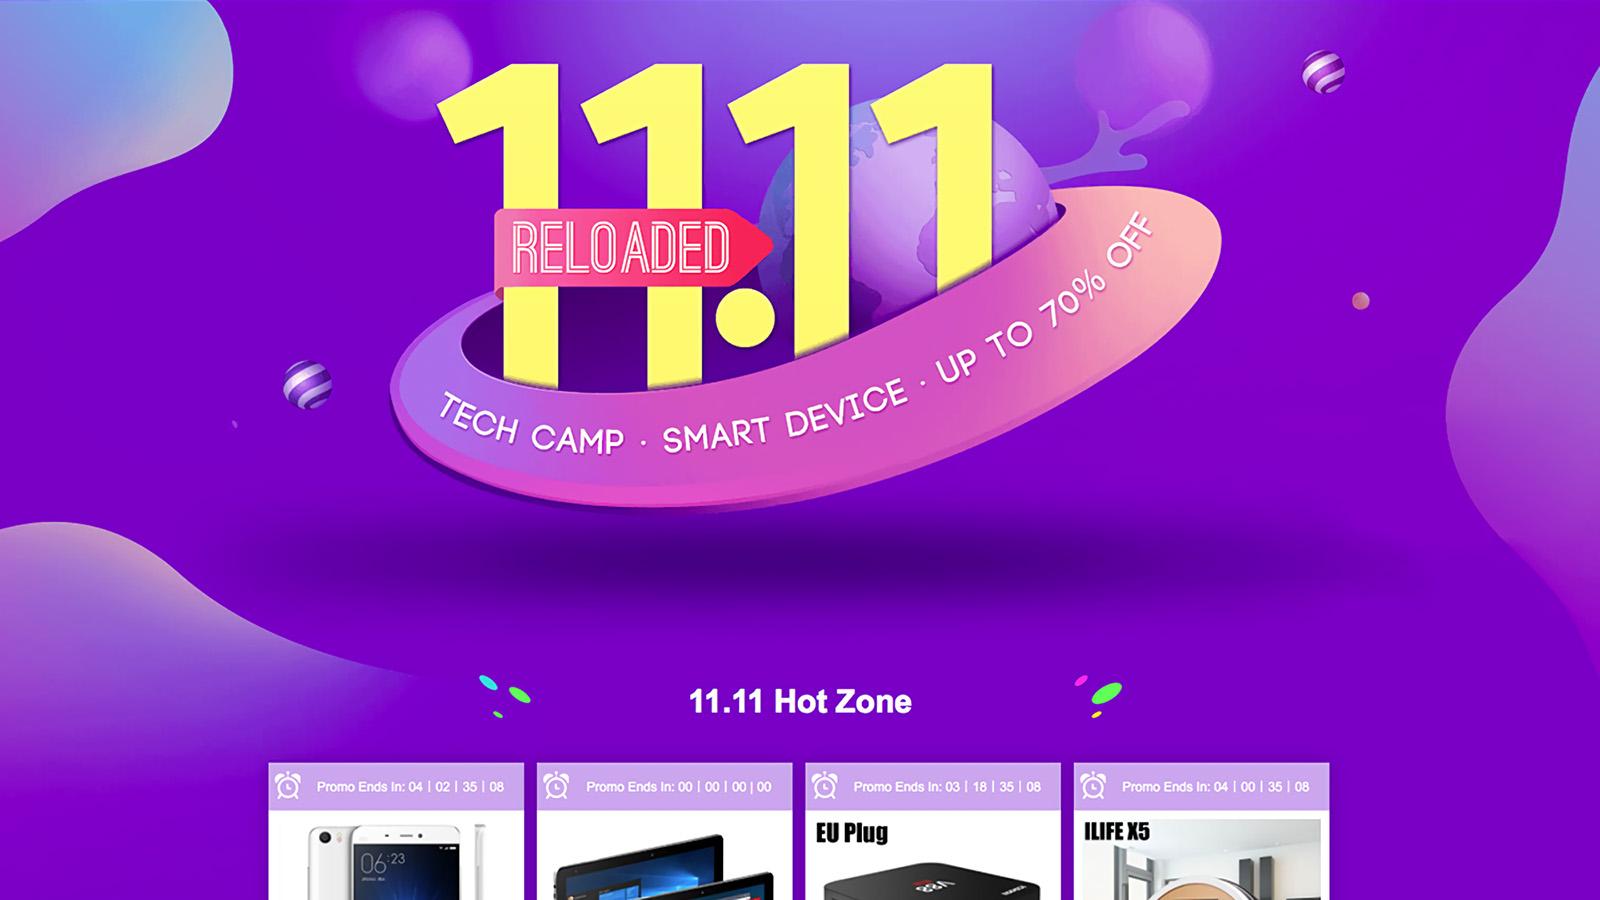 gearbest-11-11-sales-storm-reloaded-webpage